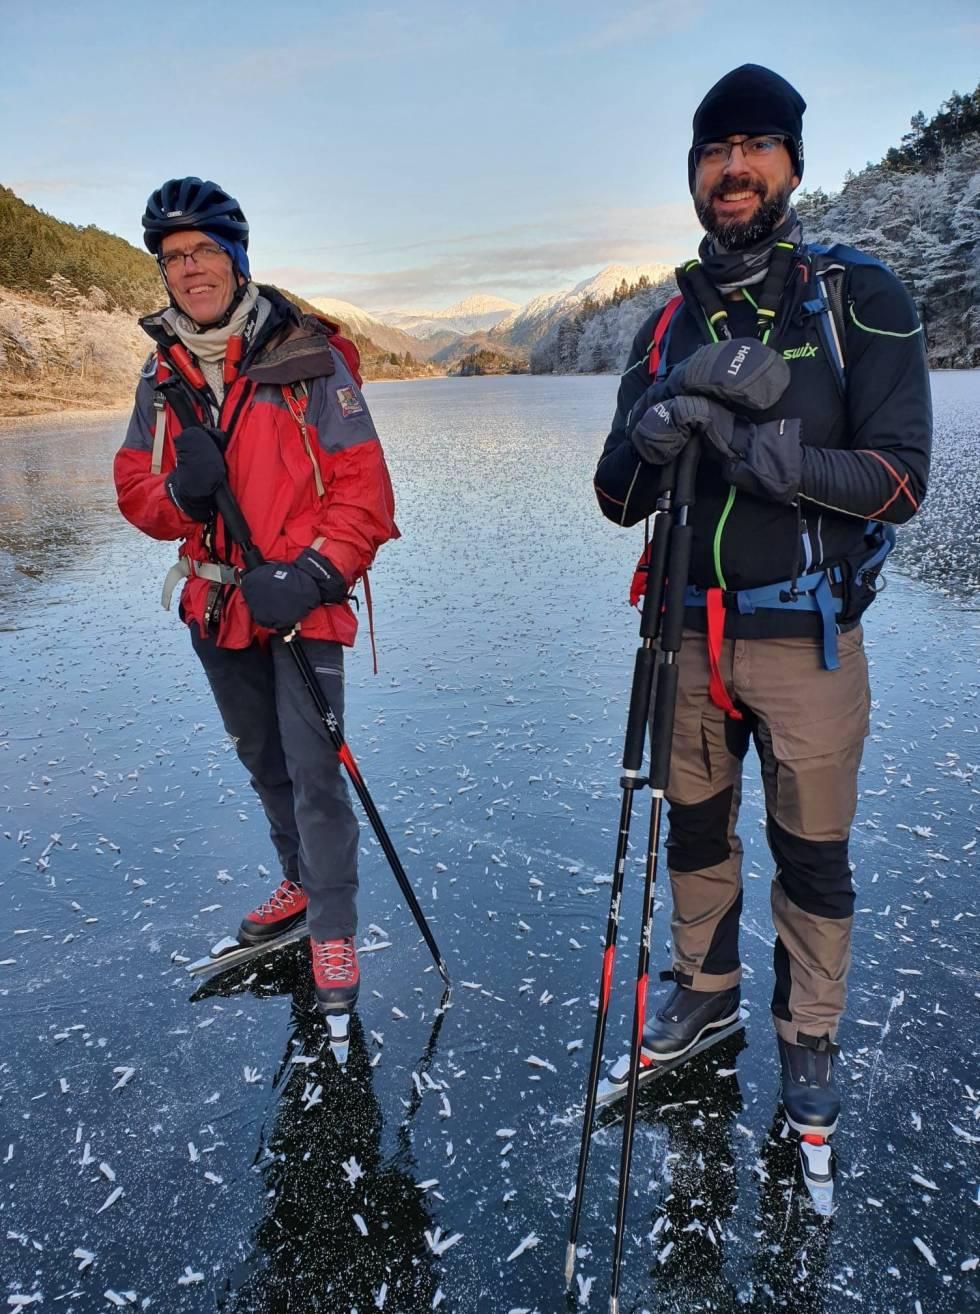 hauglandsvatnet turskøyting bergen